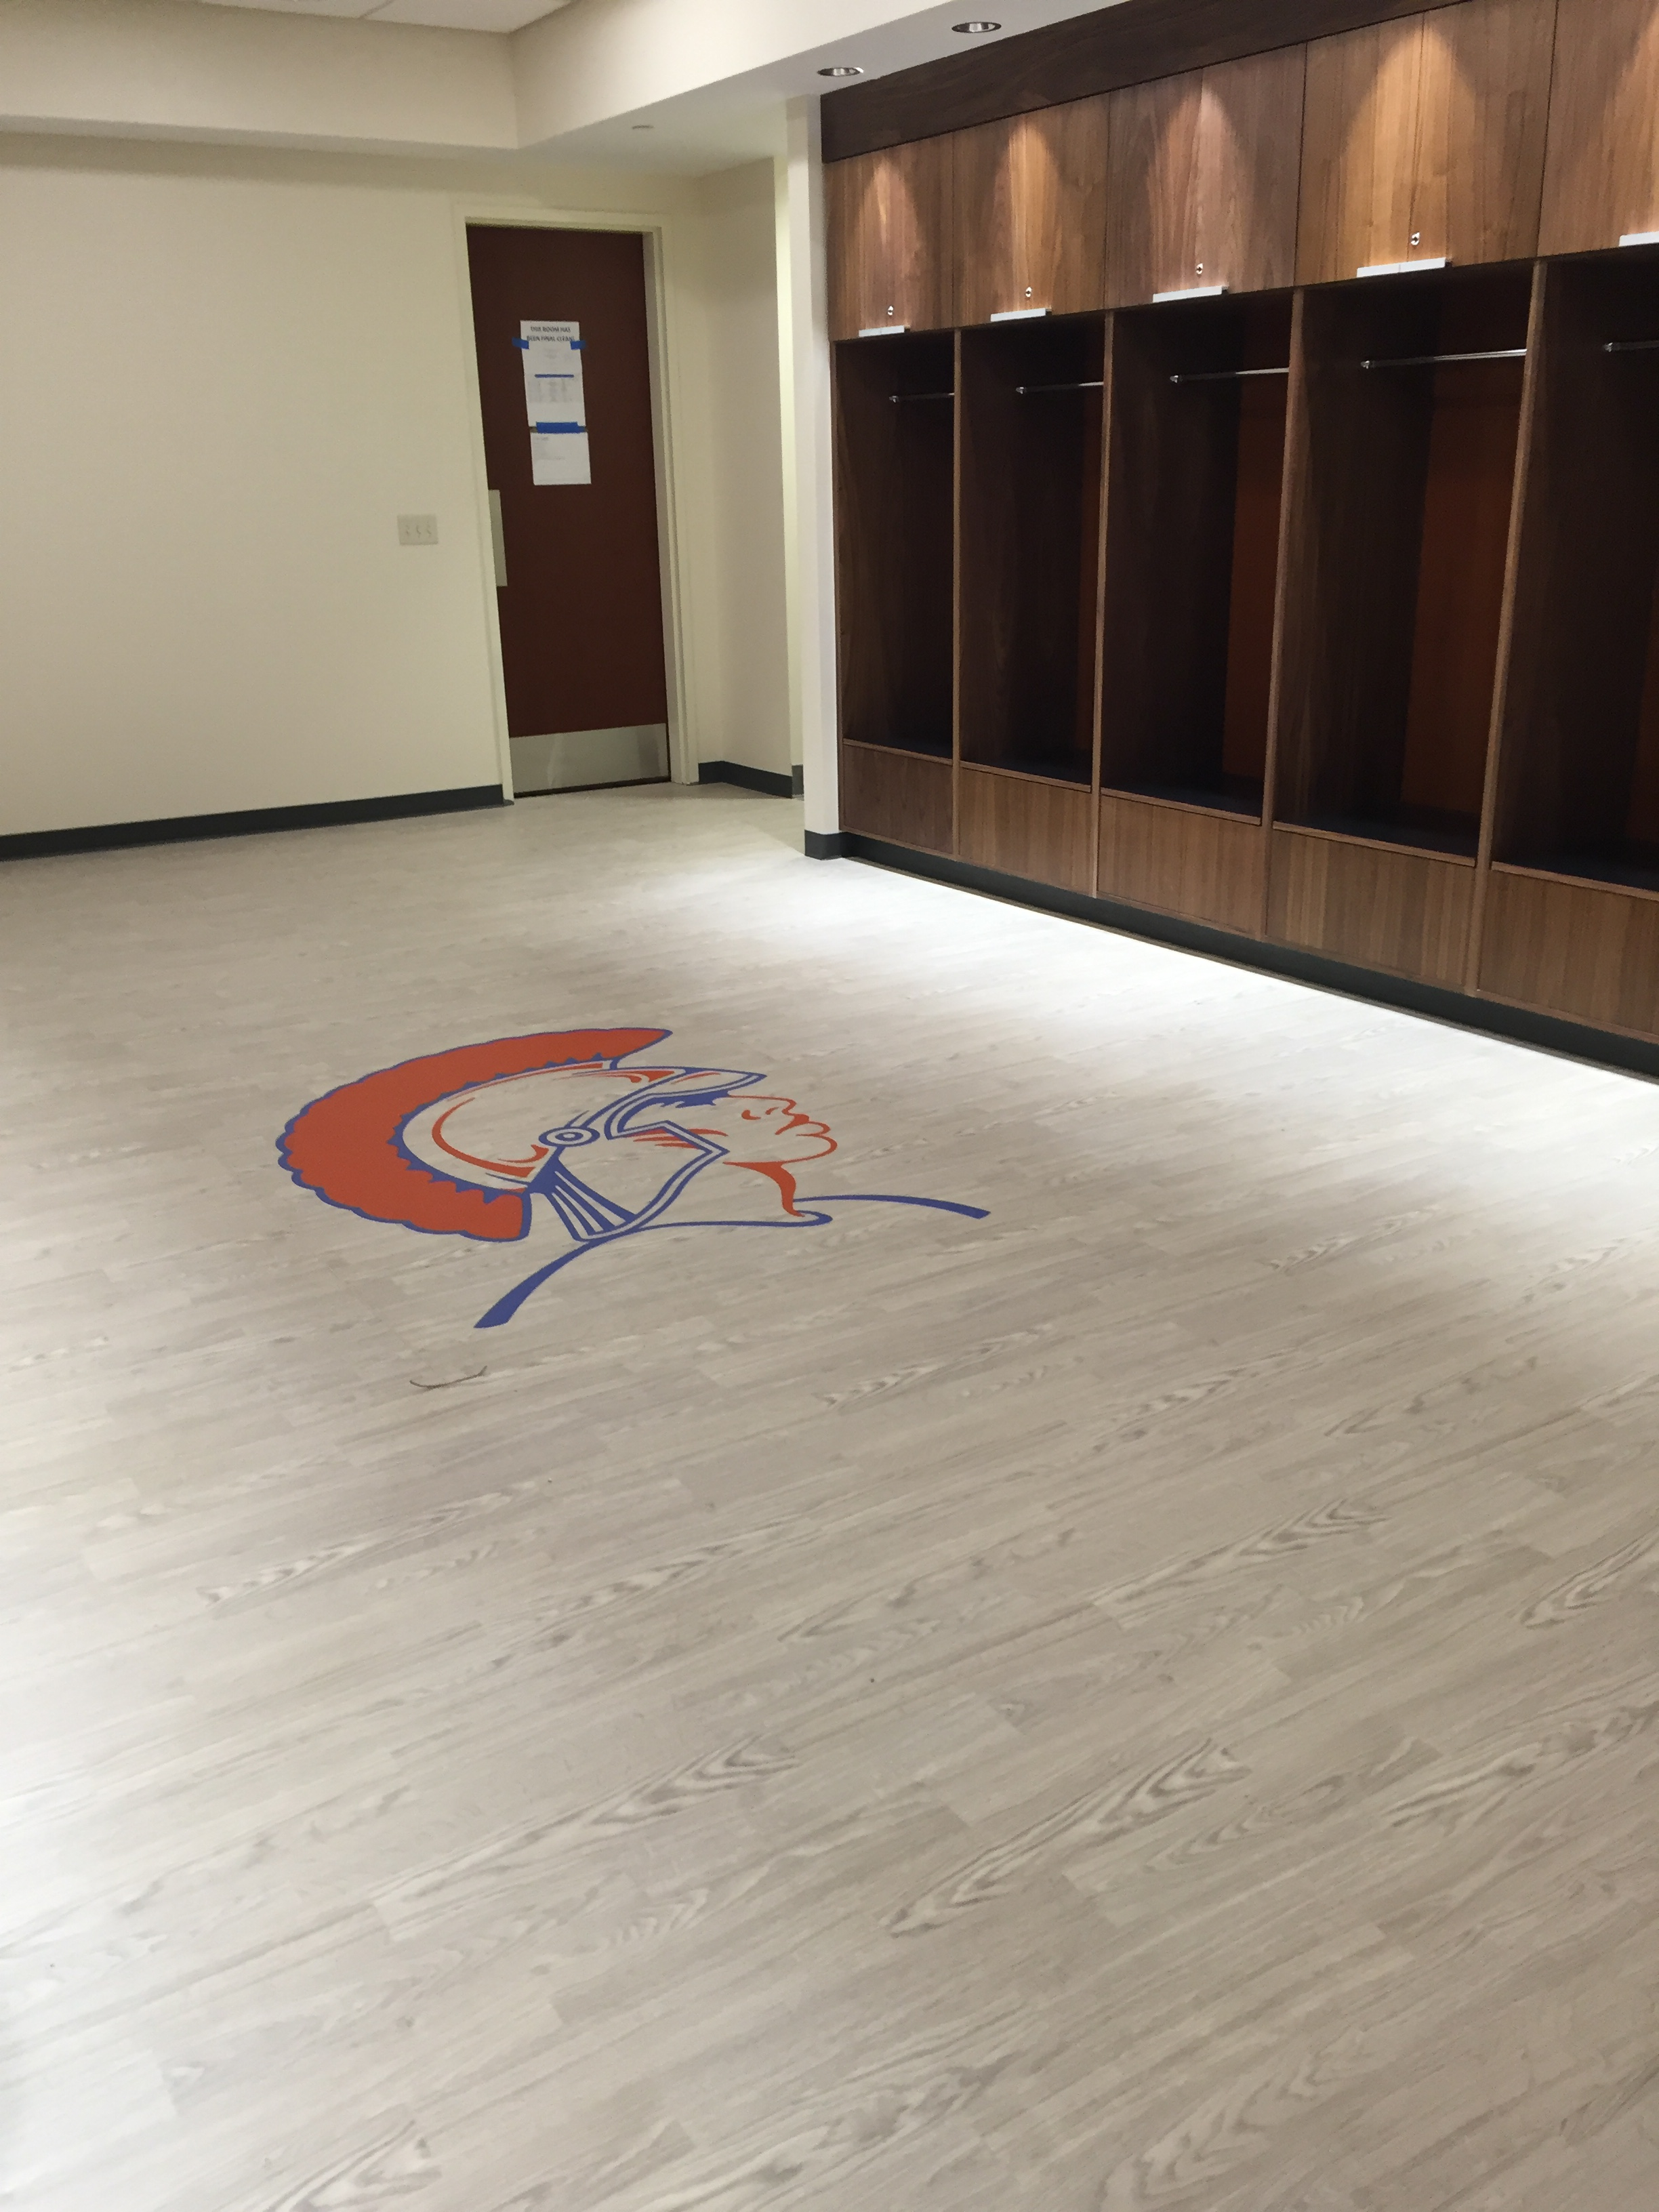 VSU Locker Room